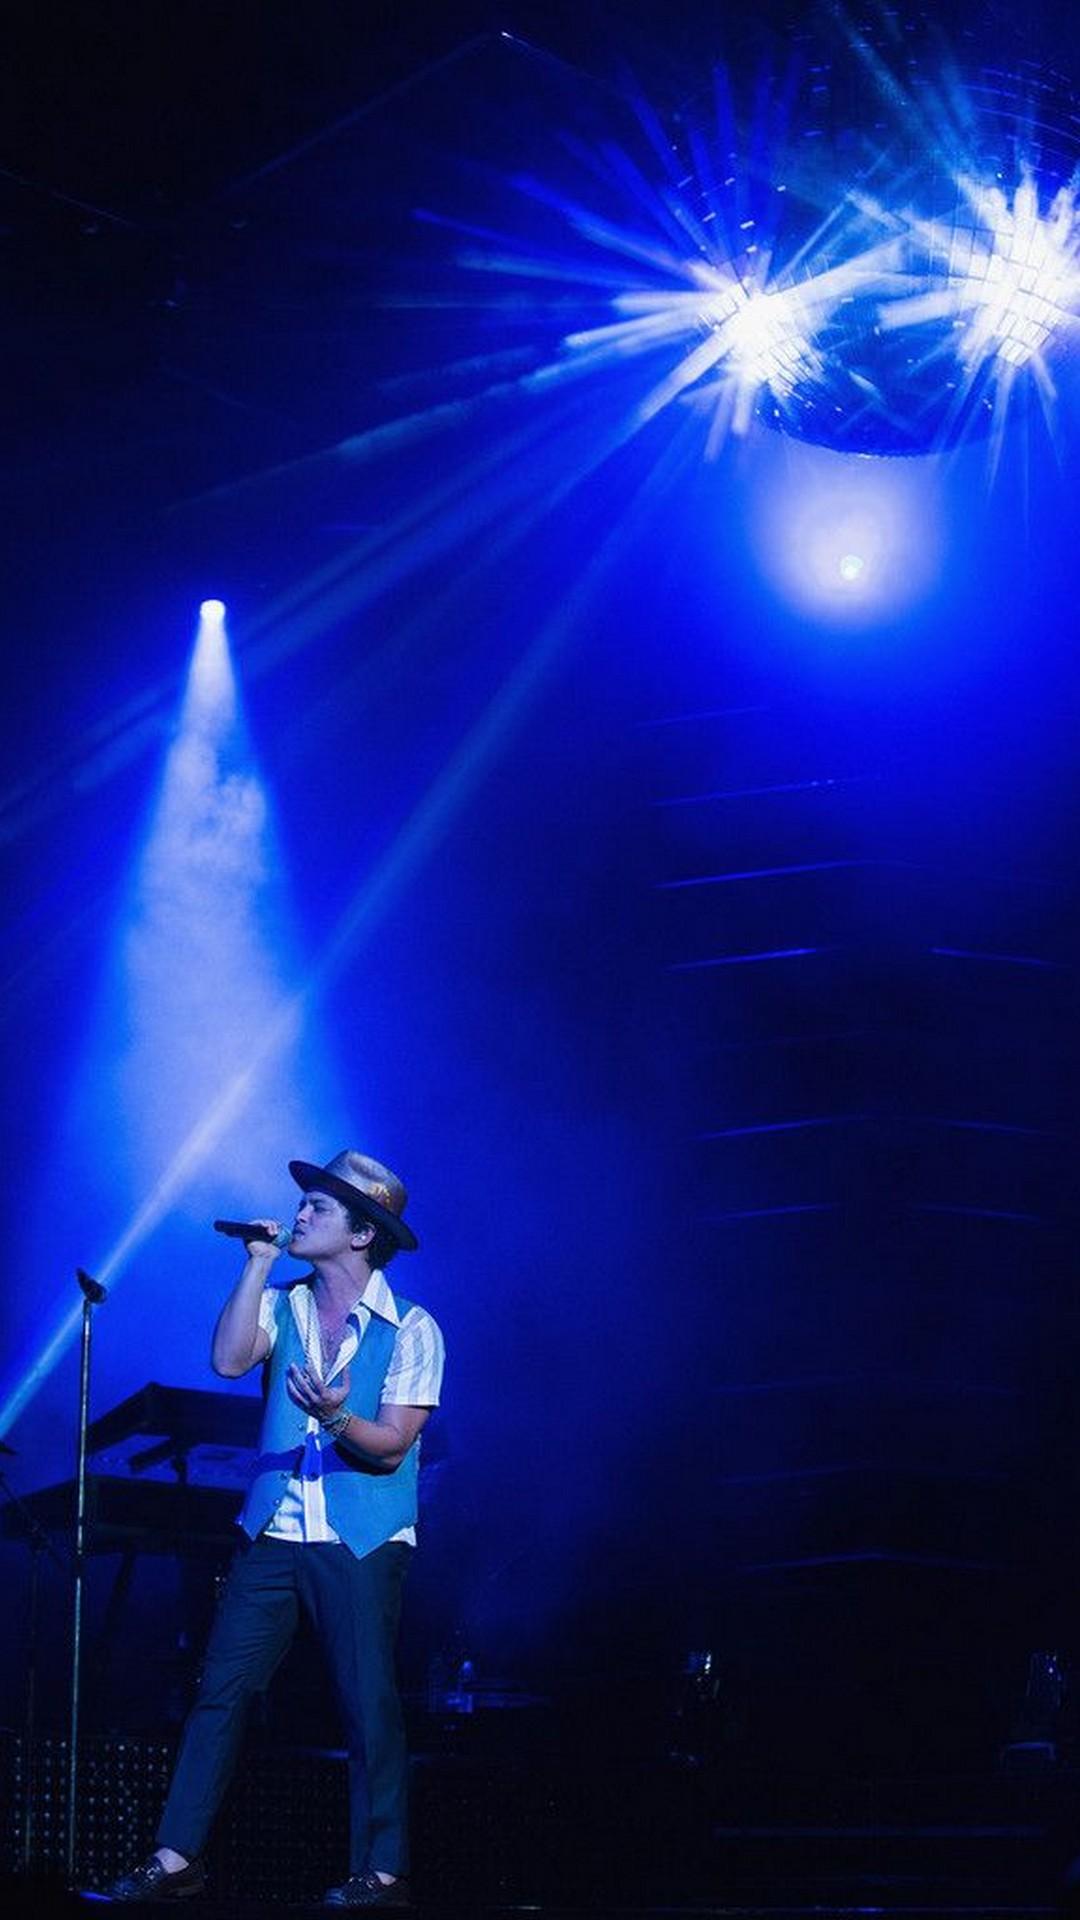 Bruno Mars Hat Concert iPhone Wallpaper 2019 3D iPhone Wallpaper 1080x1920